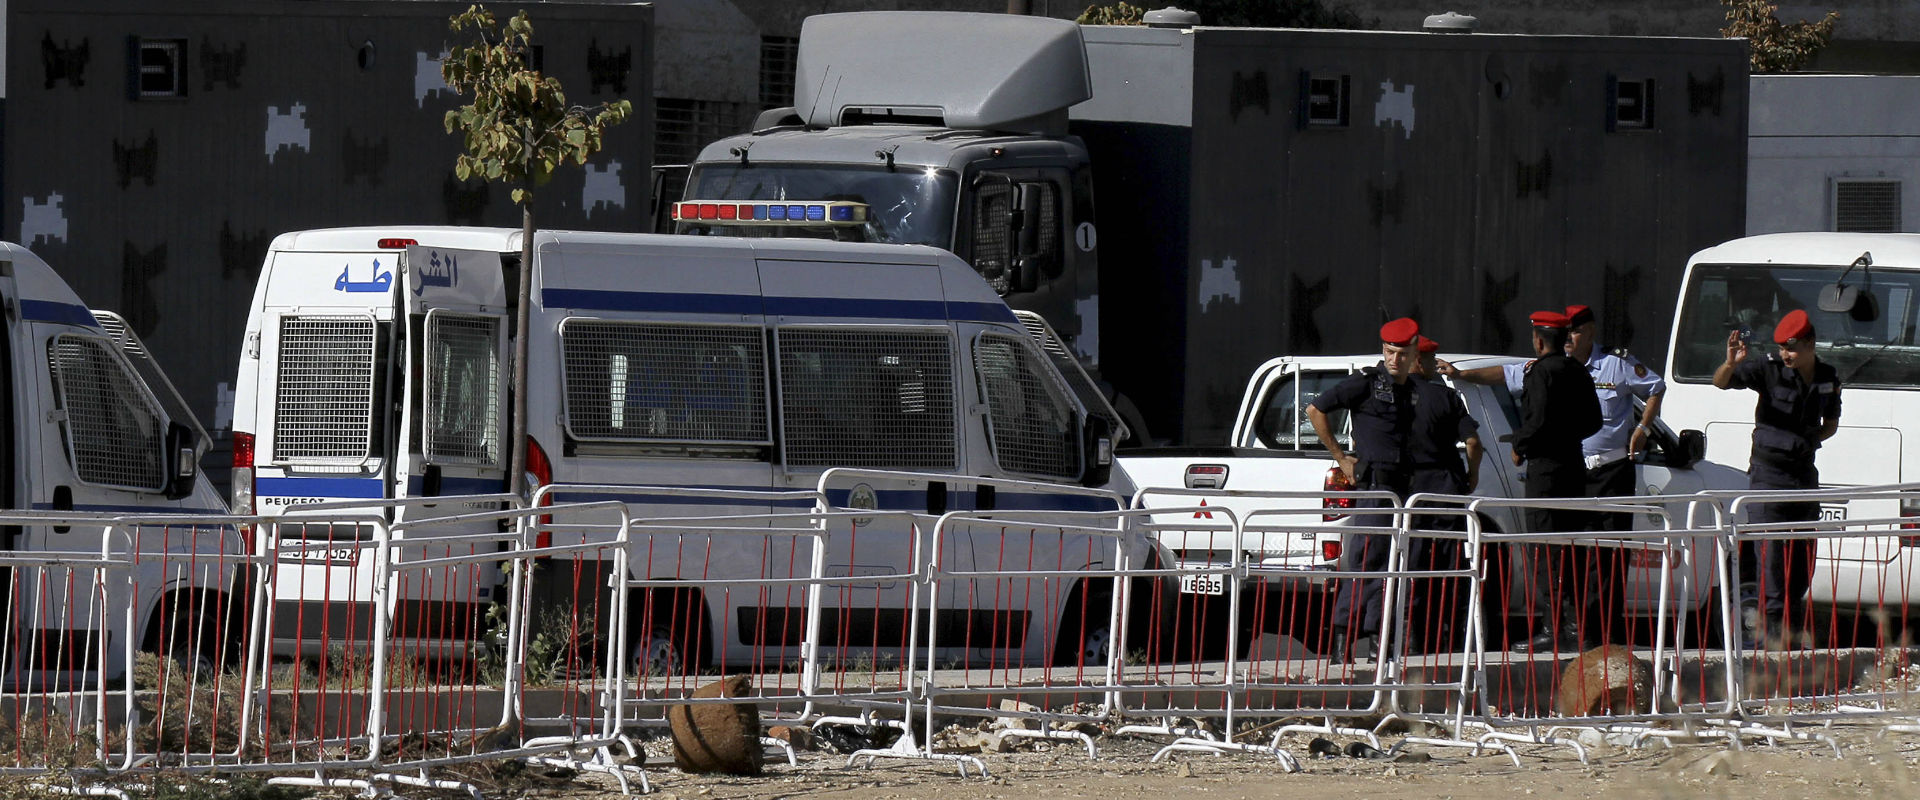 משטרה סמוך לשגרירות ישראל בירדן (צילום: אי-פי)